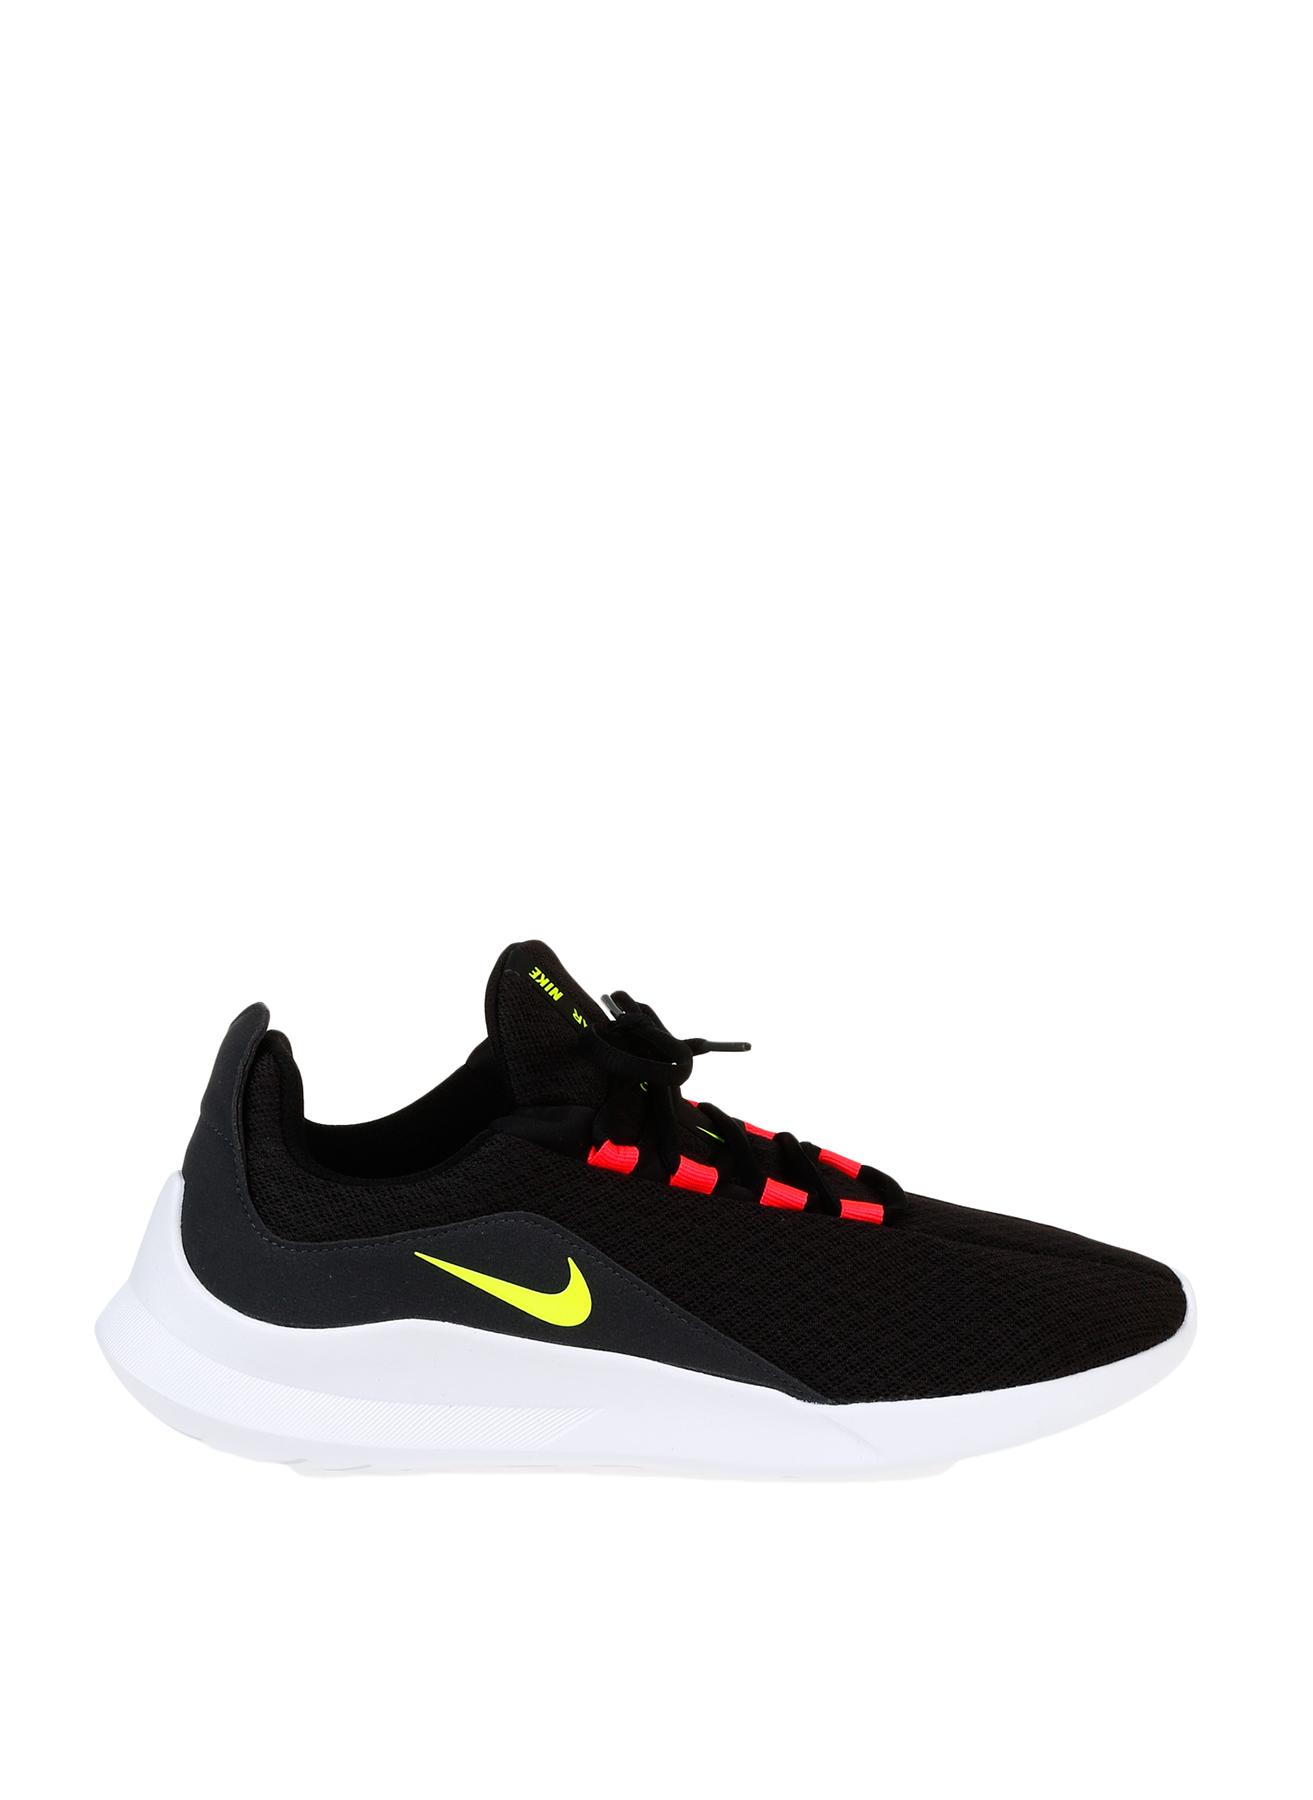 Nike Viale Lifestyle Ayakkabı 40 5001635034001 Ürün Resmi